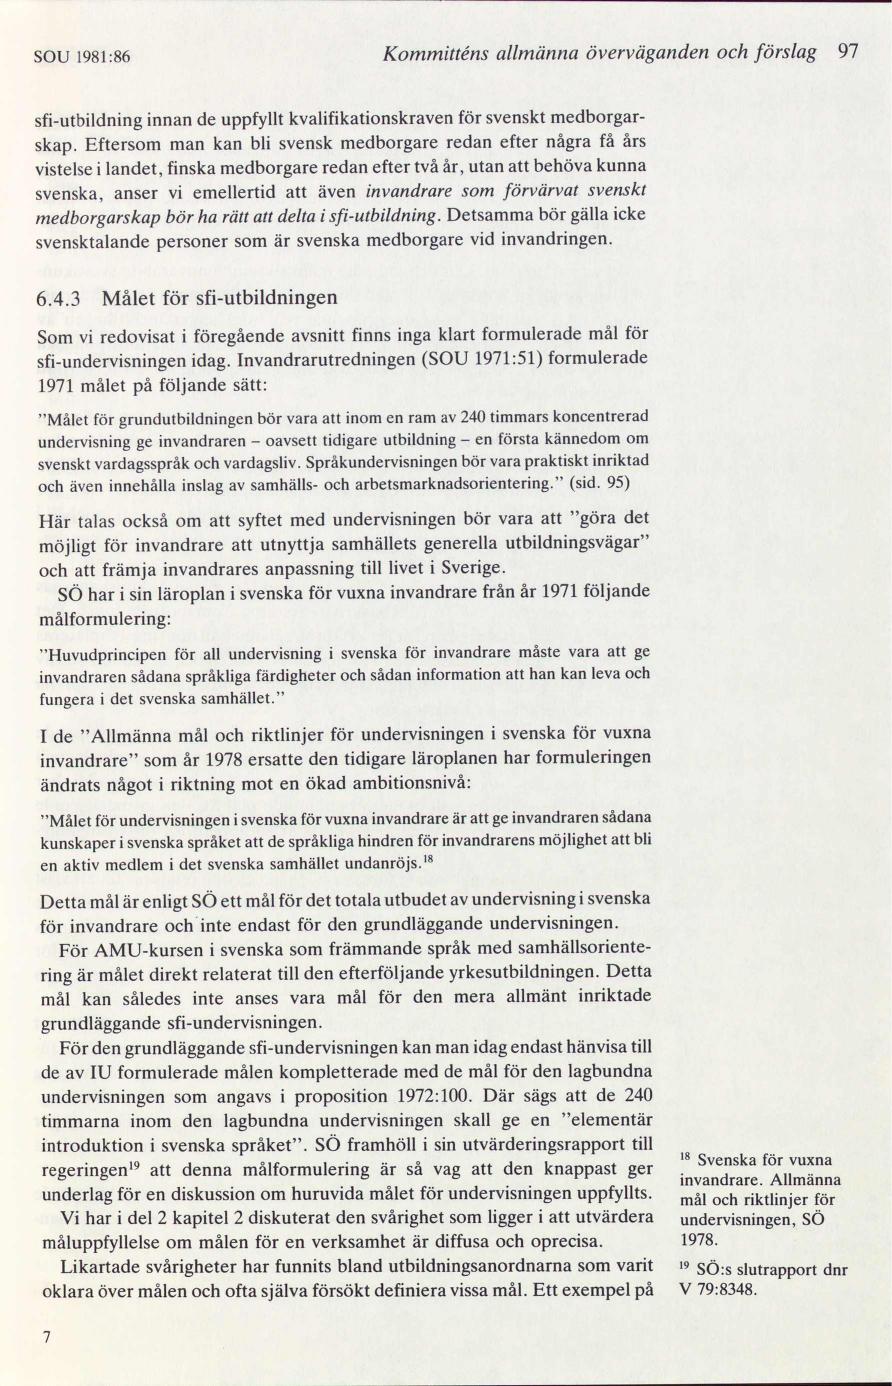 Utlanningar tankade svenska papper 3